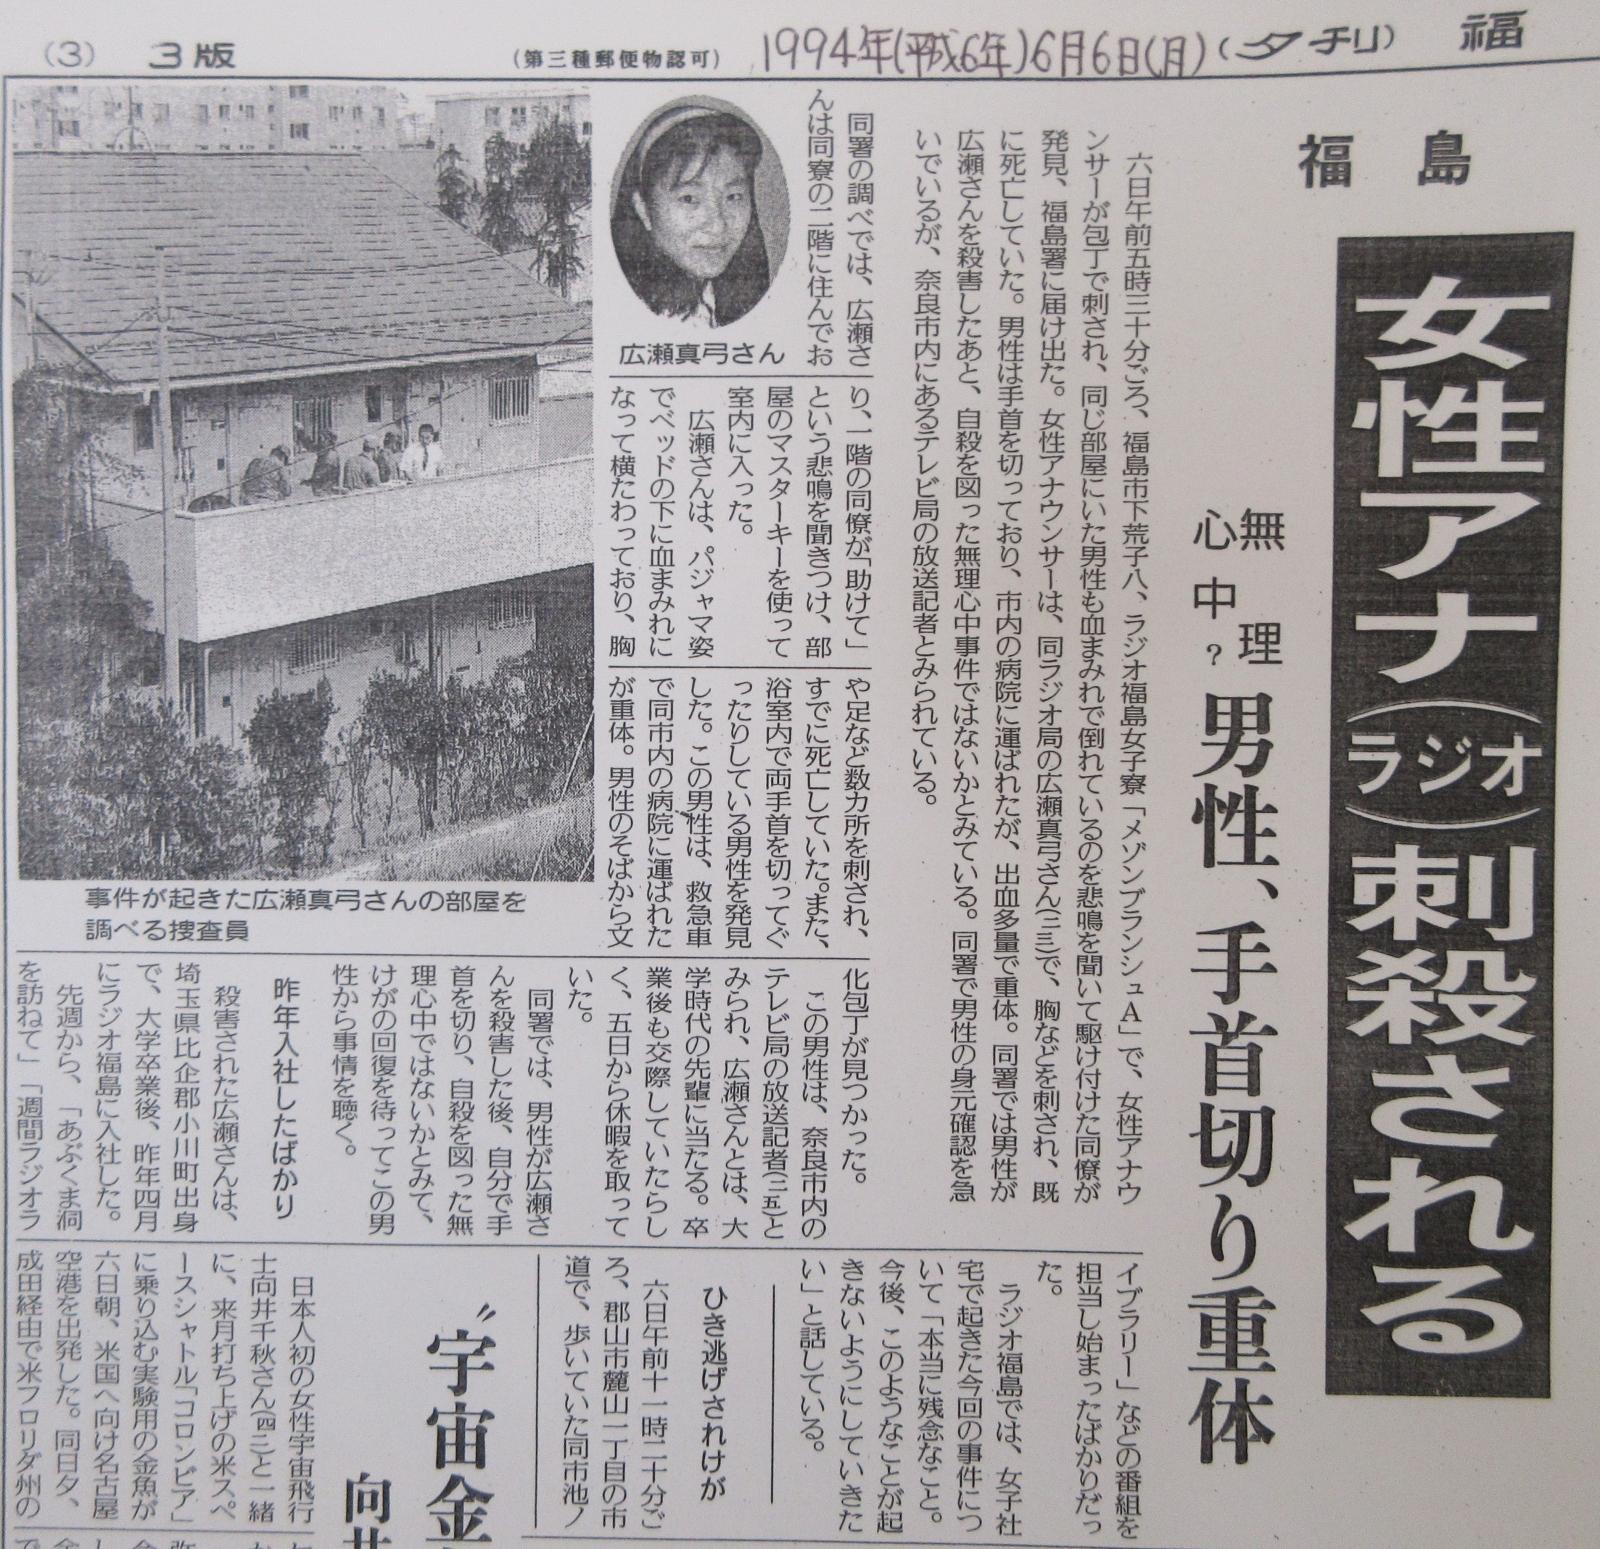 幼女 殺人 埼玉 事件 連続 東京 誘拐